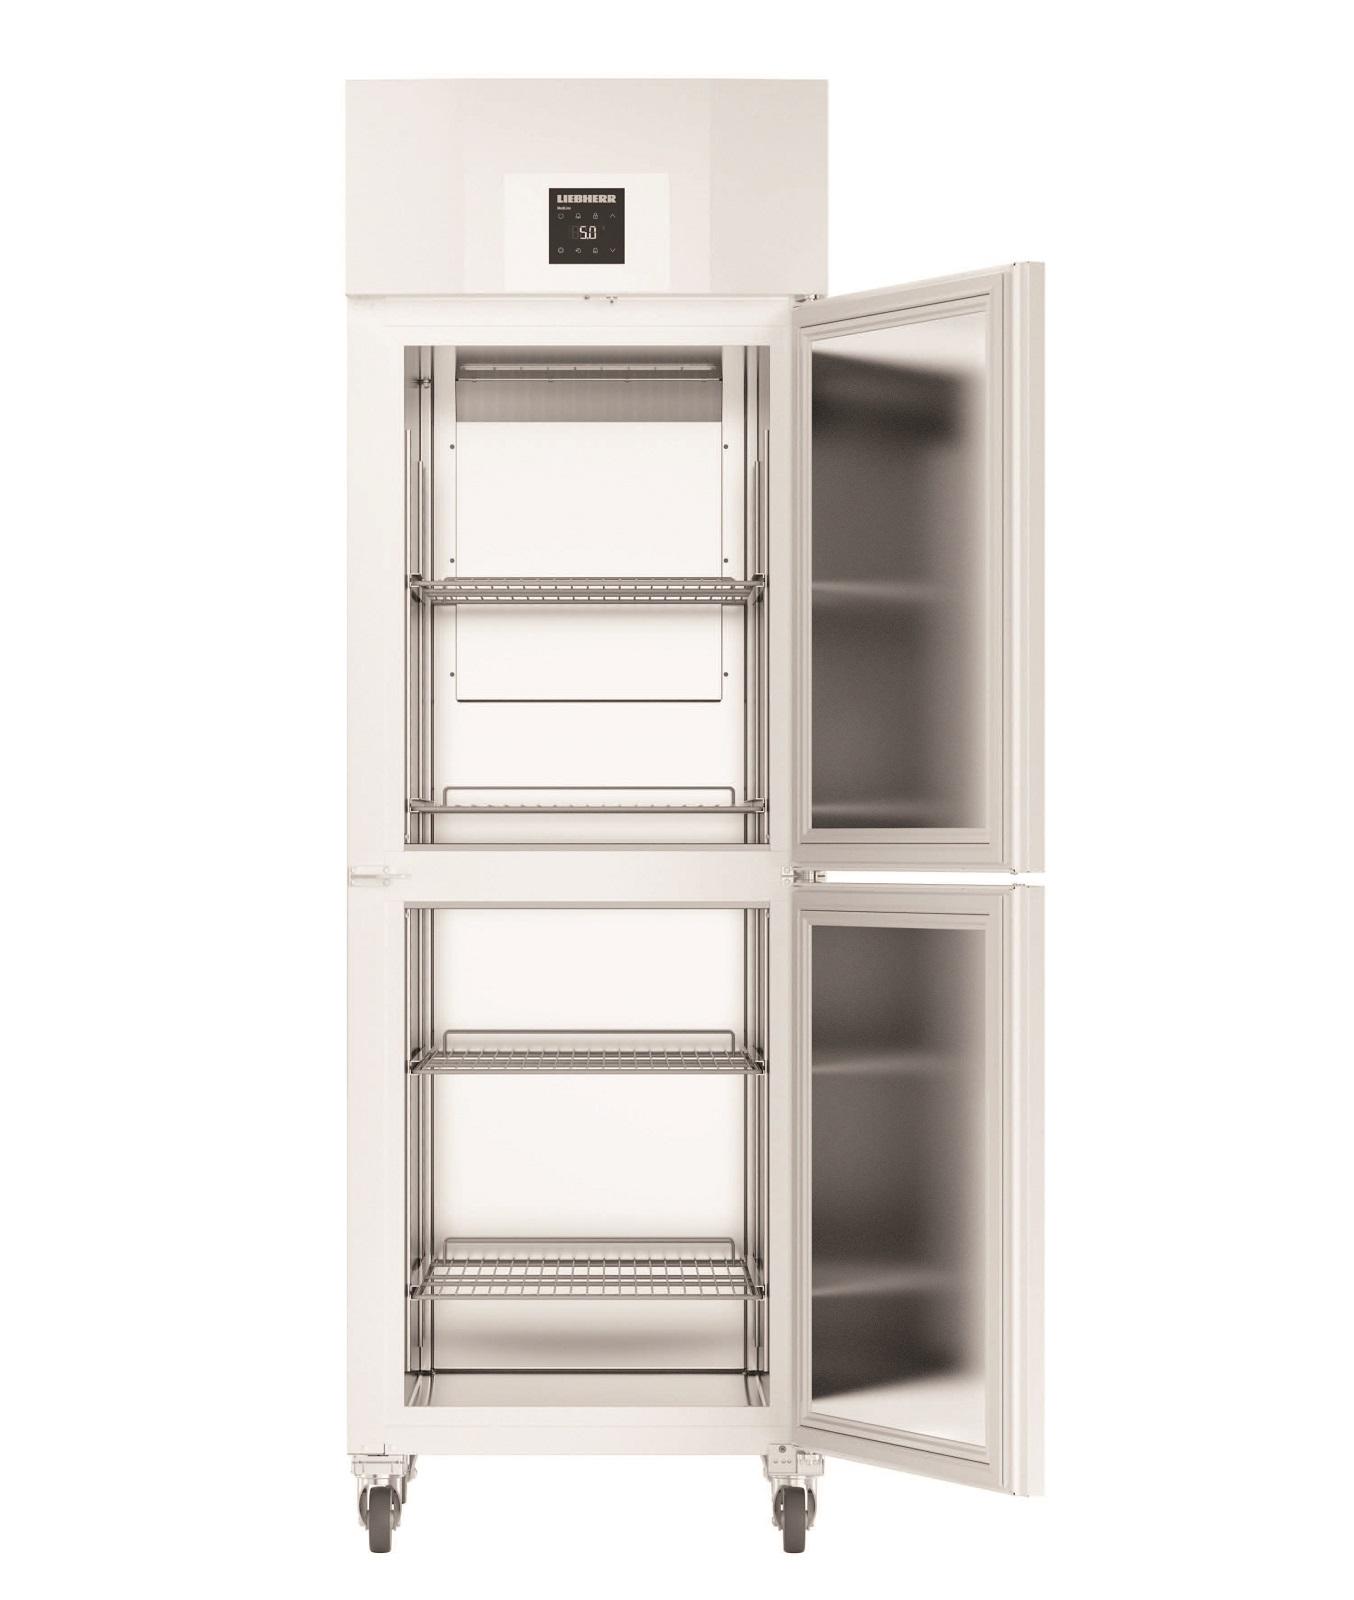 купить Лабораторный холодильный шкаф  Liebherr LKPv 6527 Украина фото 3